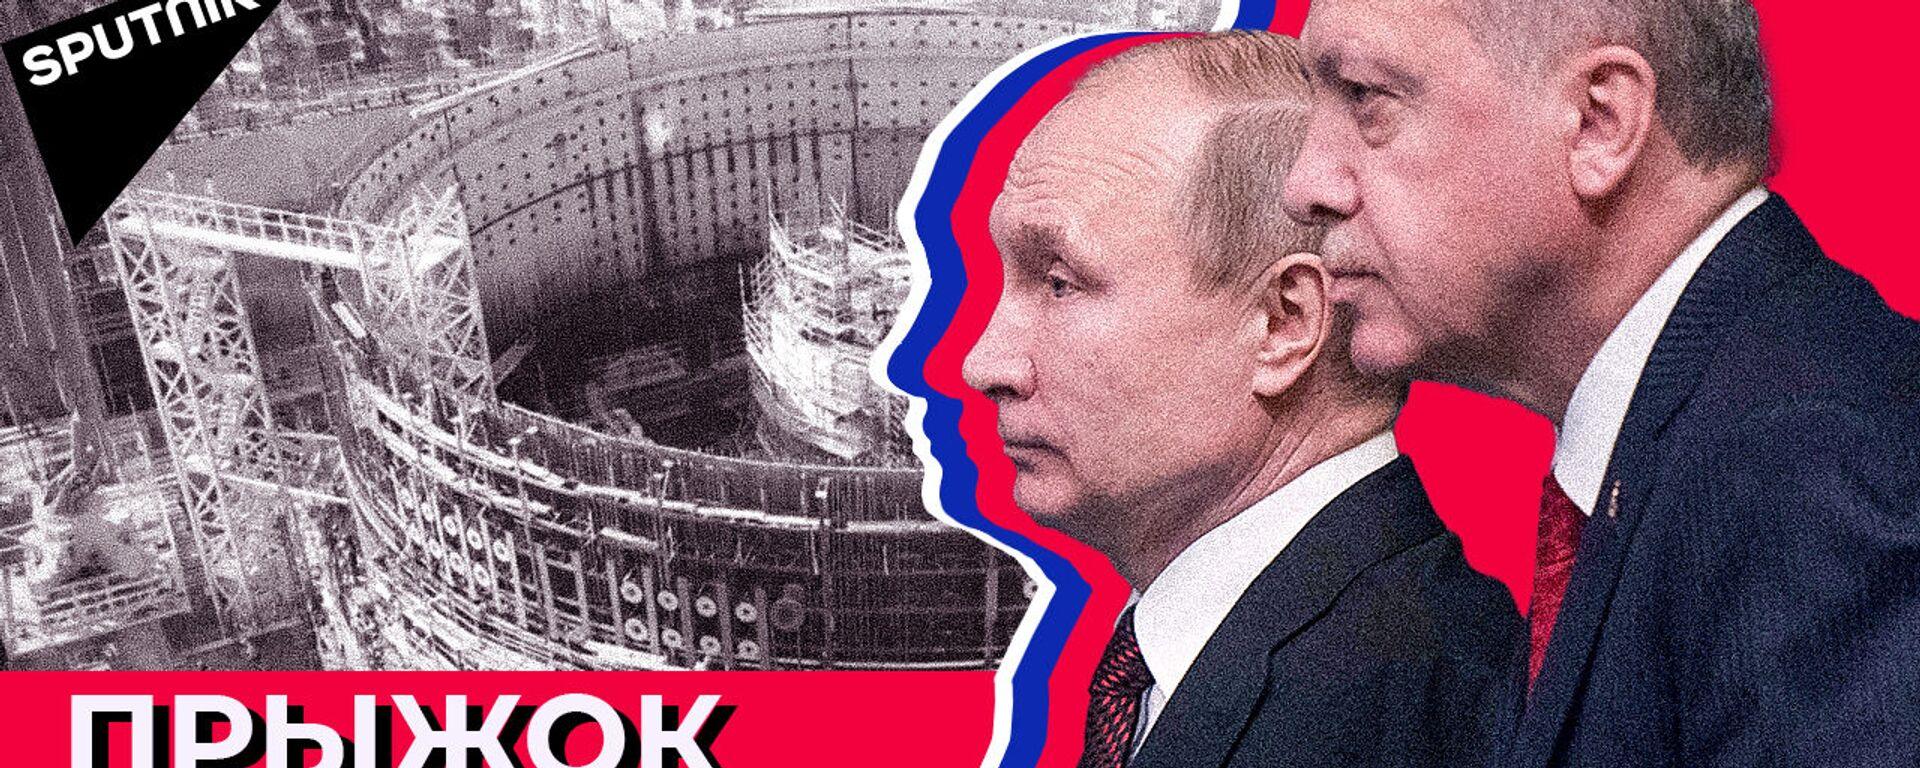 АЭС Аккую: как Россия строит первую турецкую атомную электростанцию - Sputnik Латвия, 1920, 11.03.2021